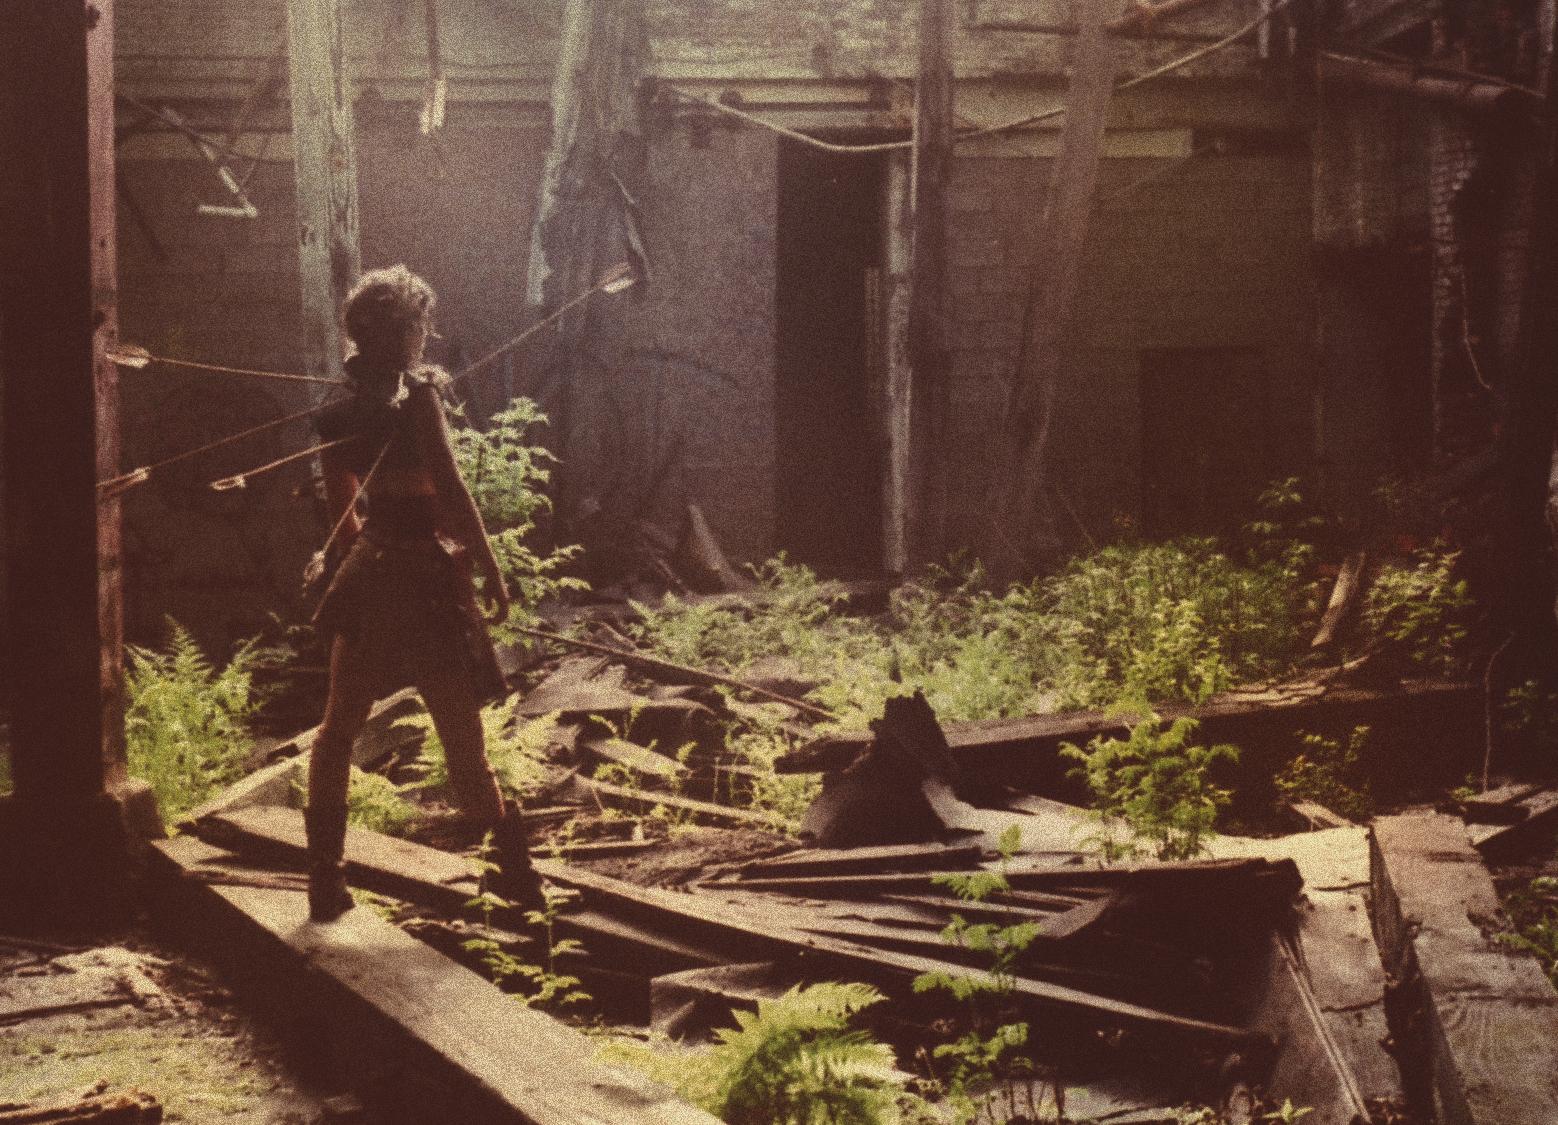 廃墟 - gatag|フリー画像・写真素材集 2.0